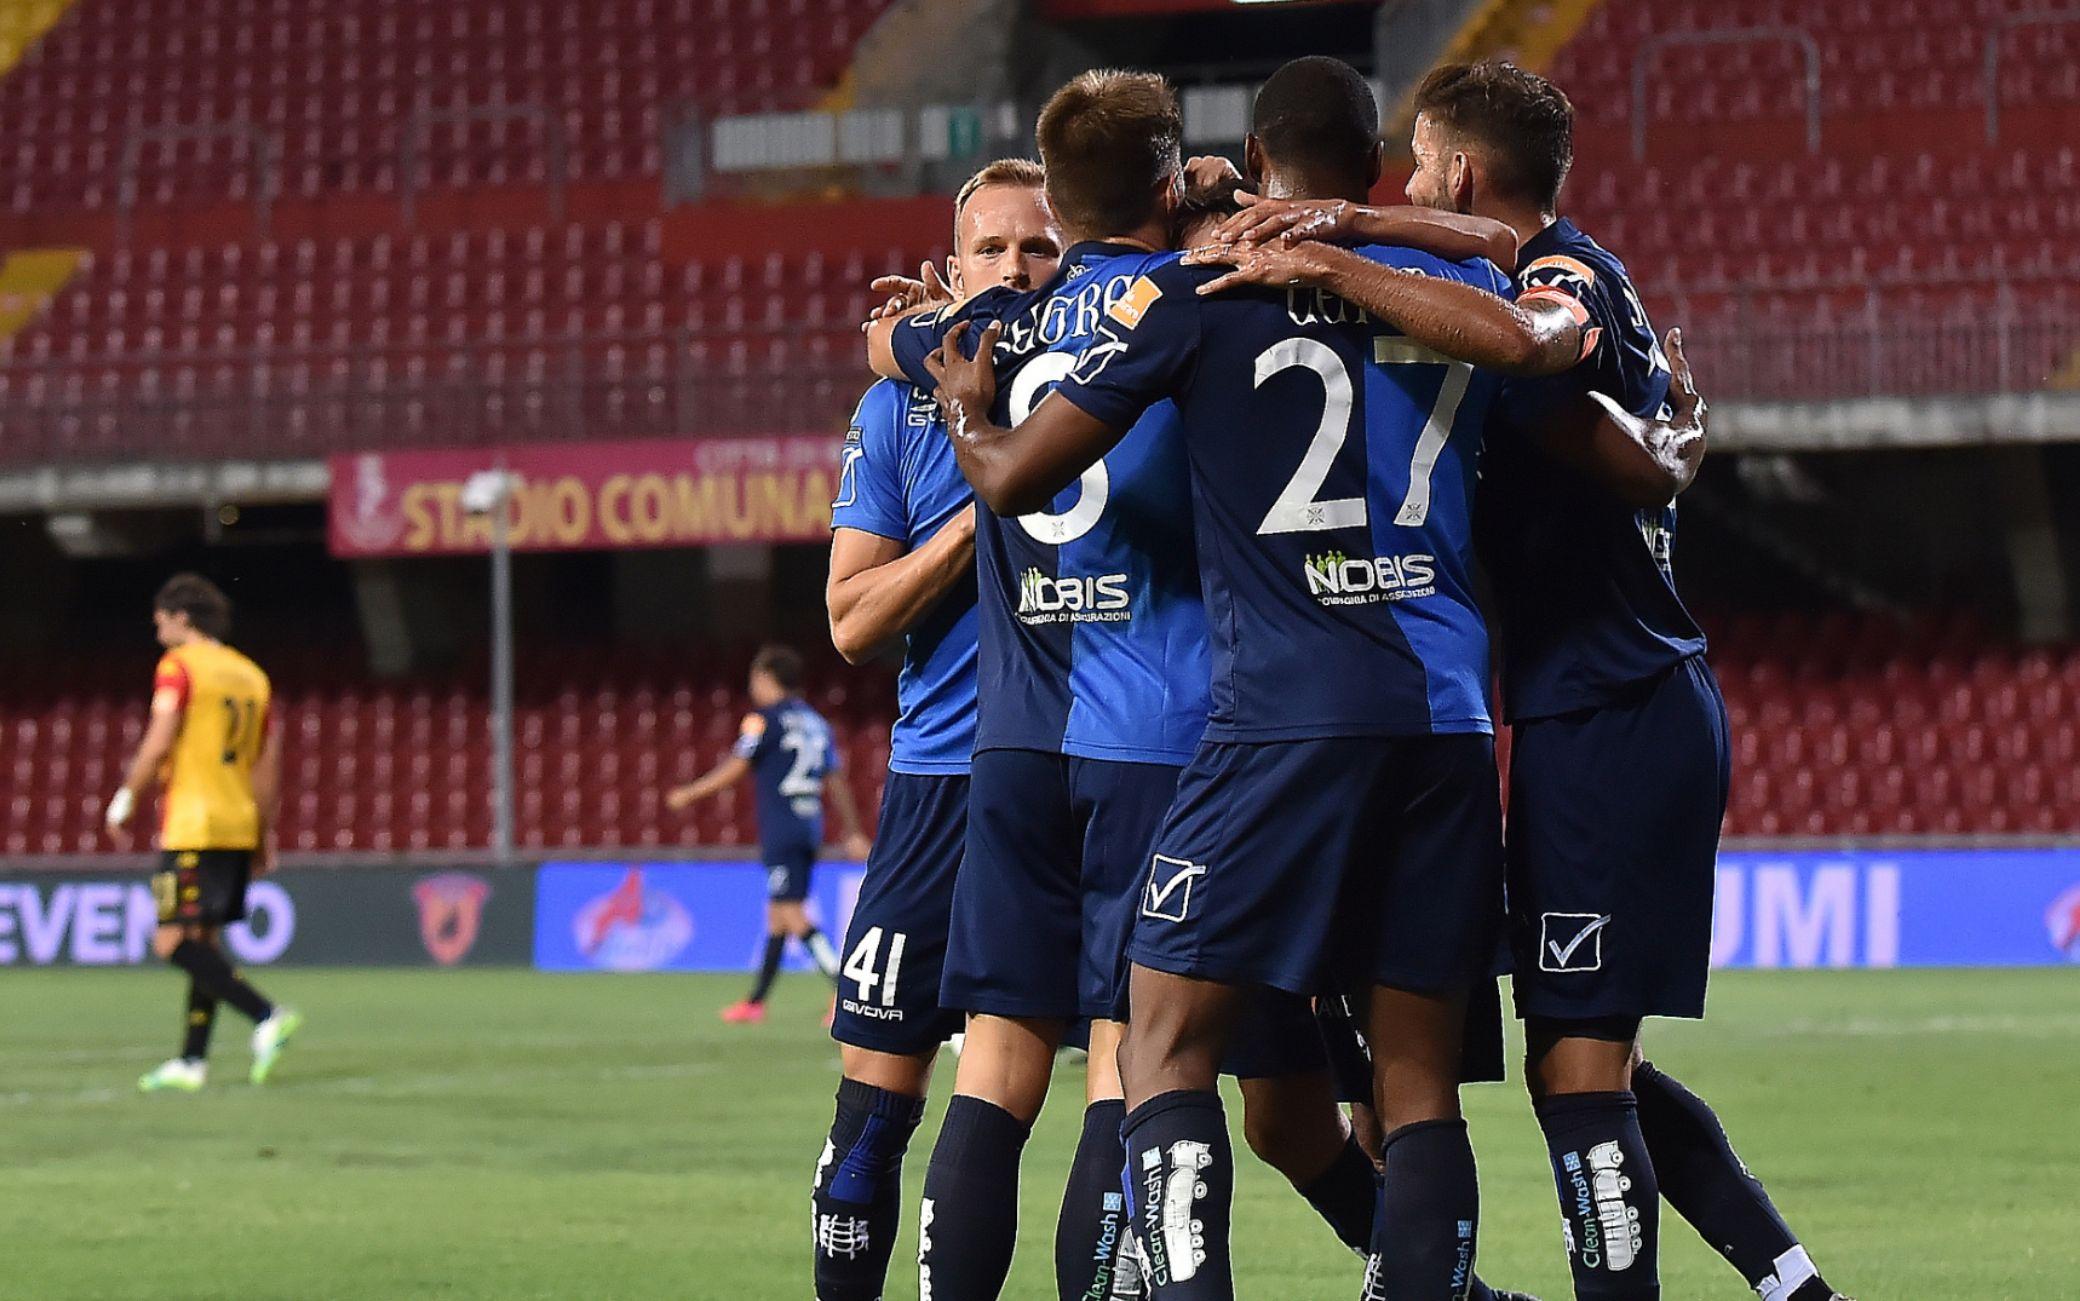 Serie B, i risultati della 37^ giornata. Scatto playoff Chievo e Pisa ...